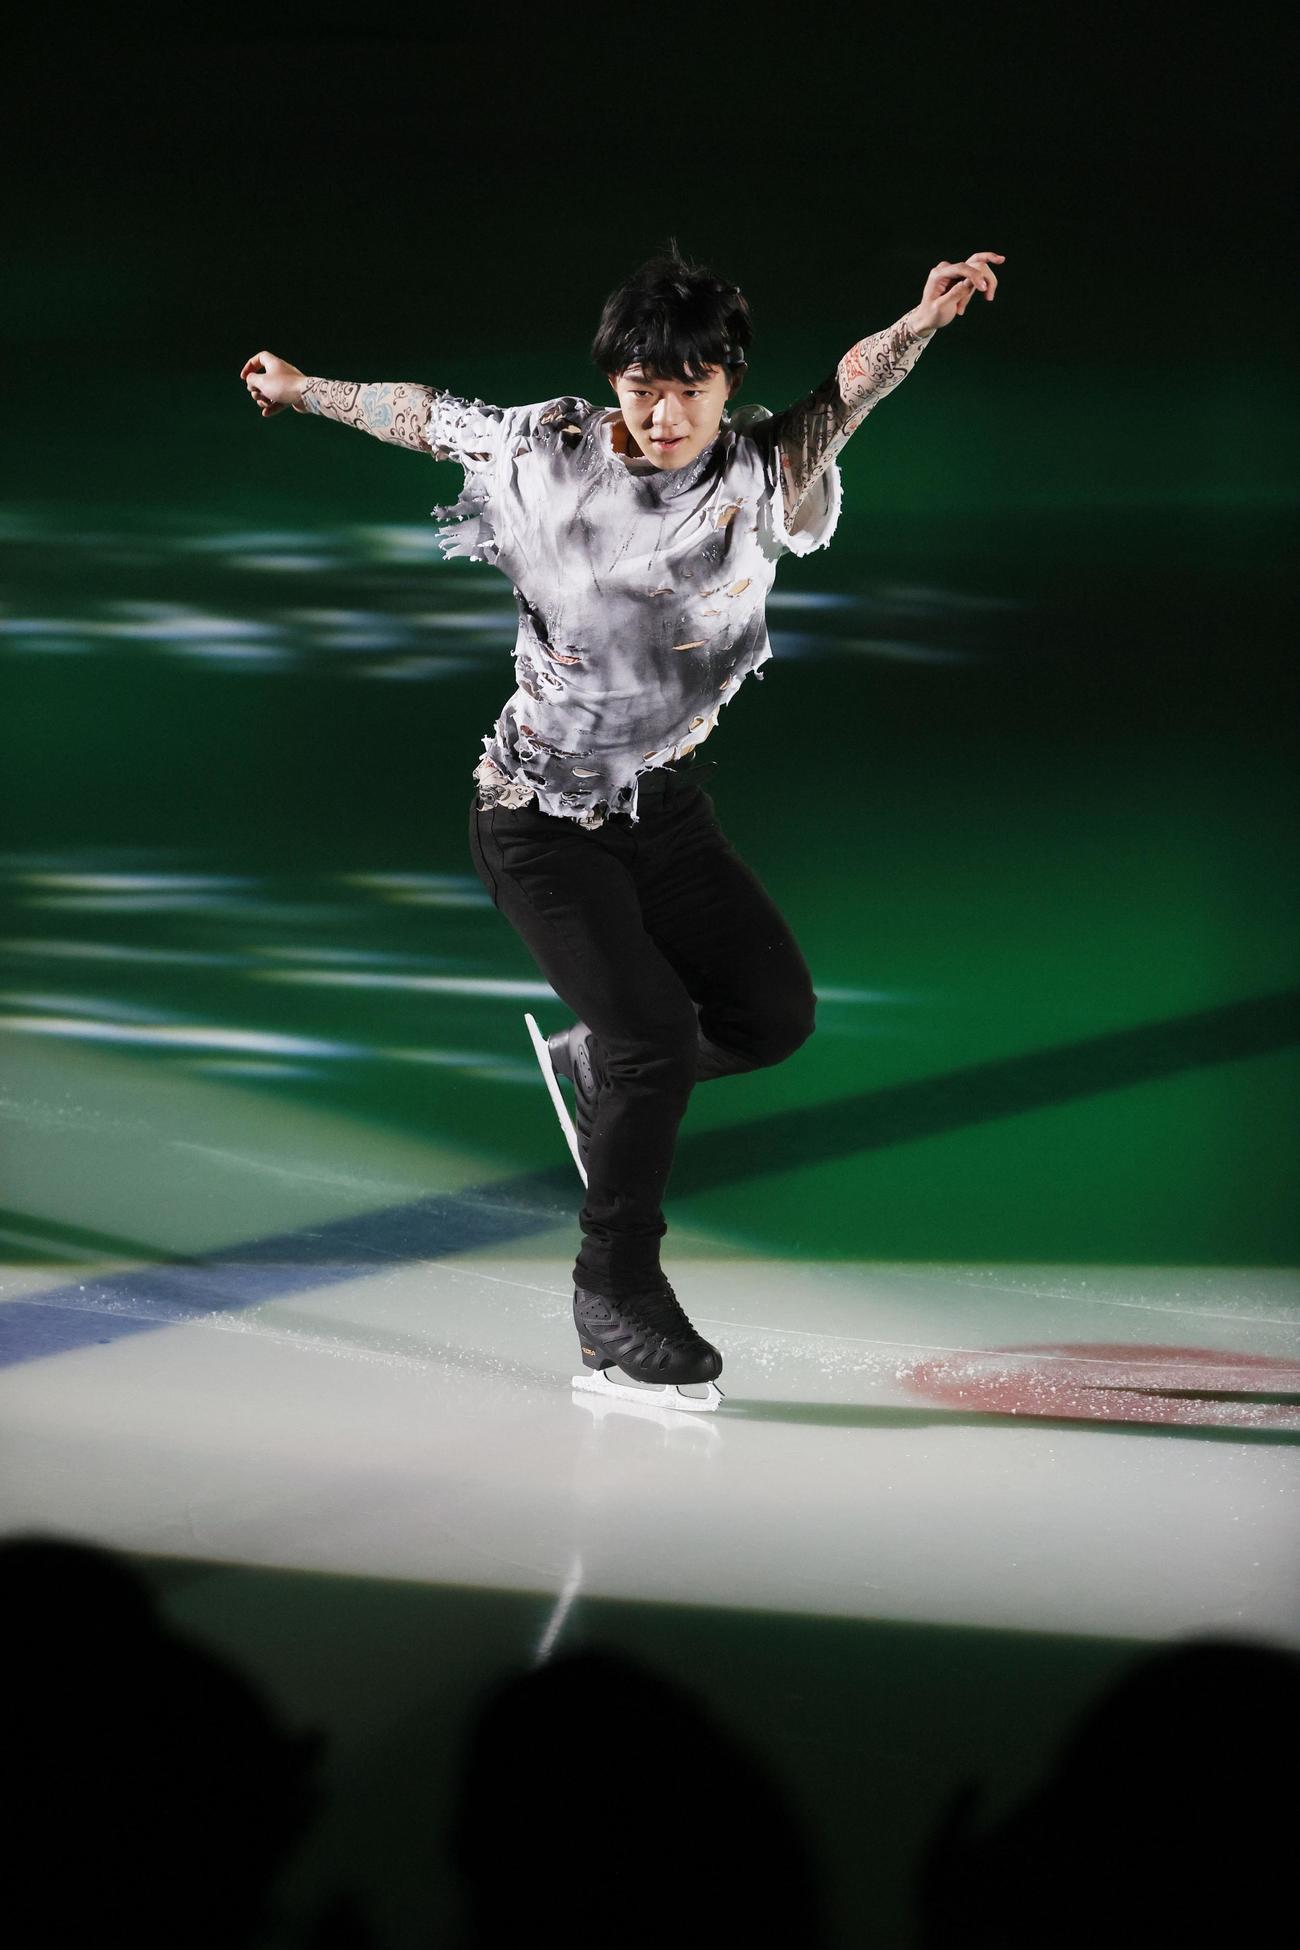 ザ・アイスのオープニングで演技する鍵山優真(C)THE ICE 2021/Koichi Nakamura